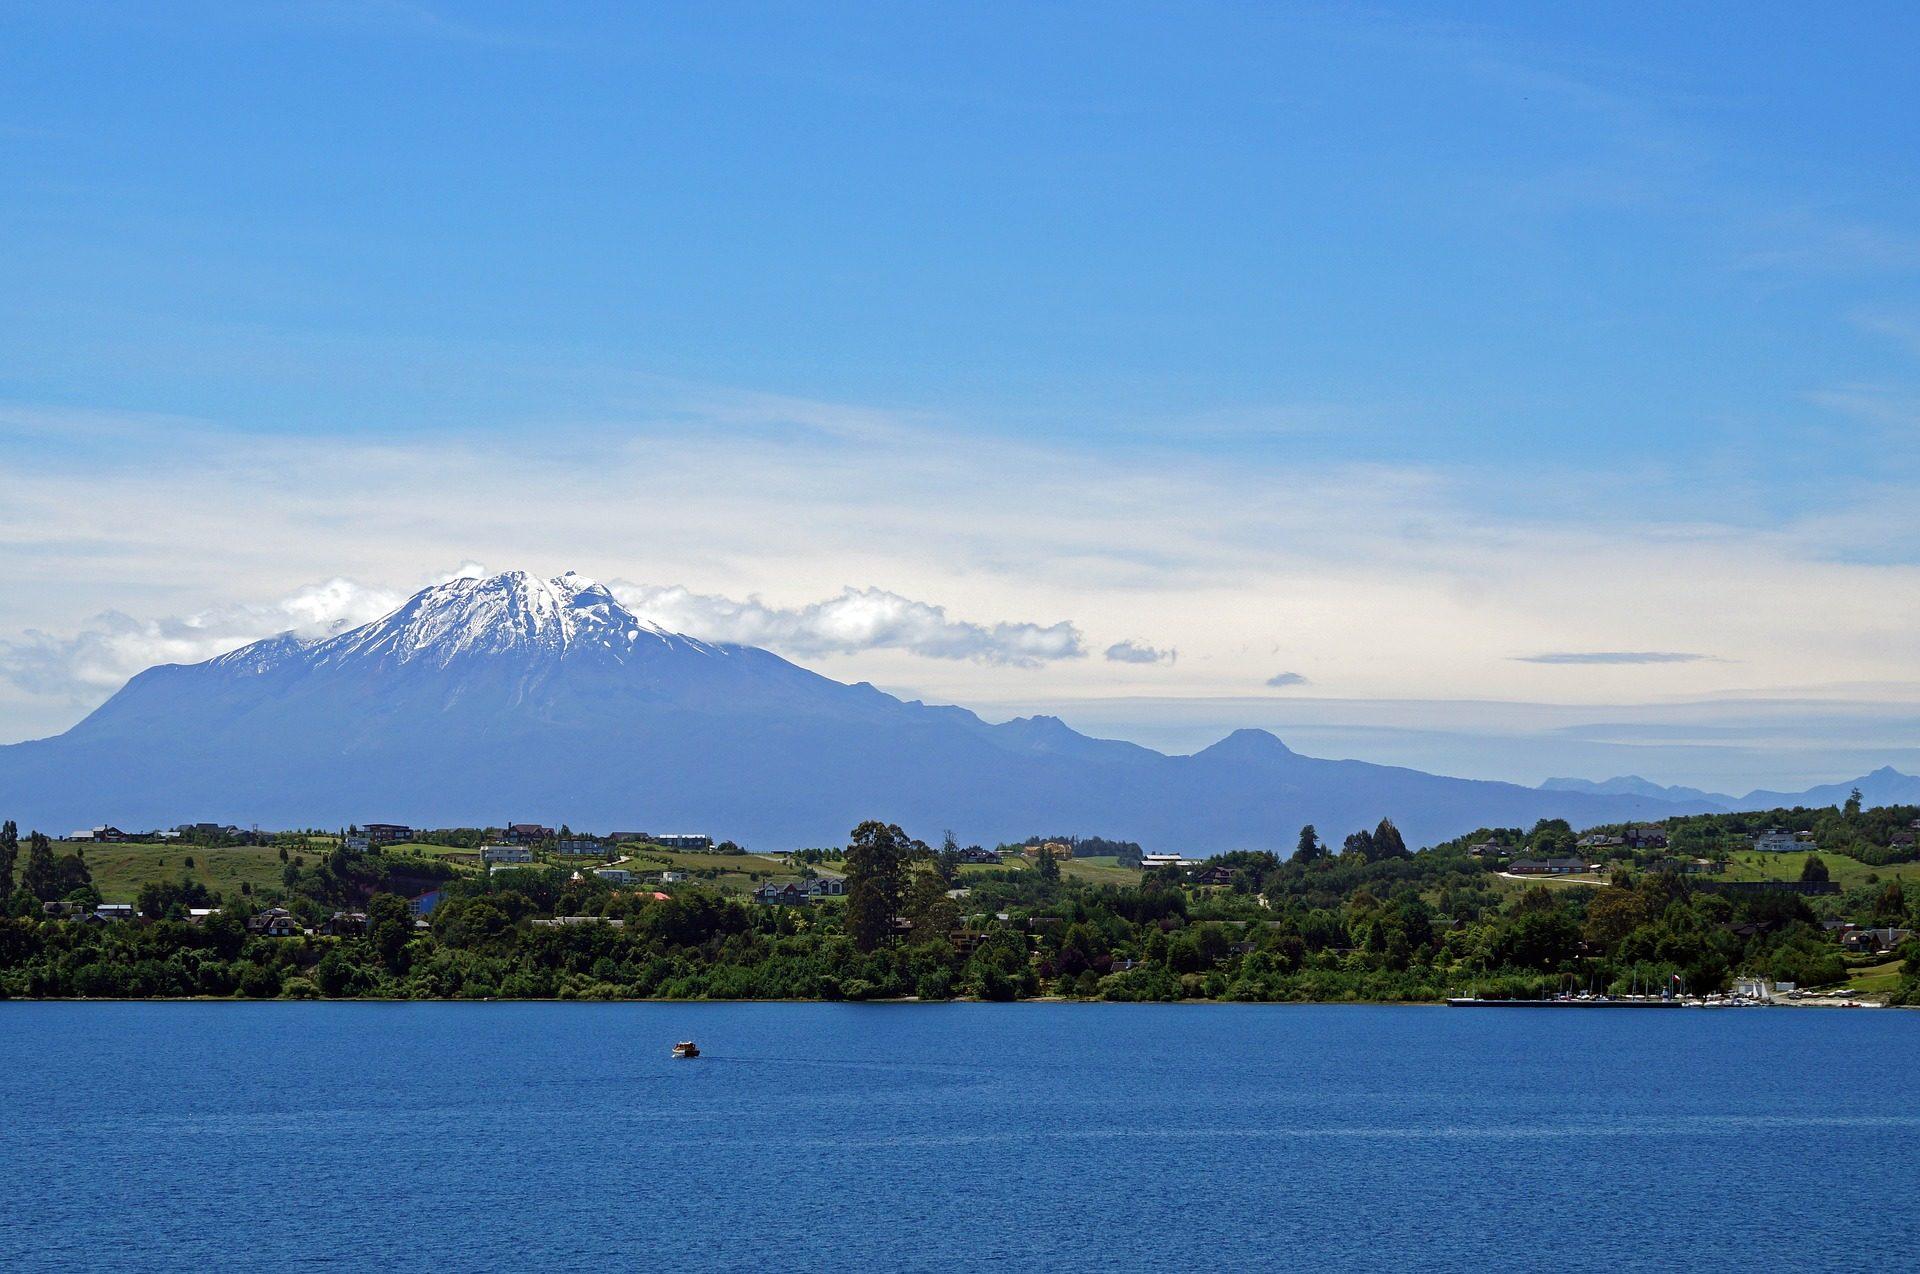 Berg, Vulkan, Himmel, Wolken, Wasser, Calbuco, Puerto varas, Chile - Wallpaper HD - Prof.-falken.com